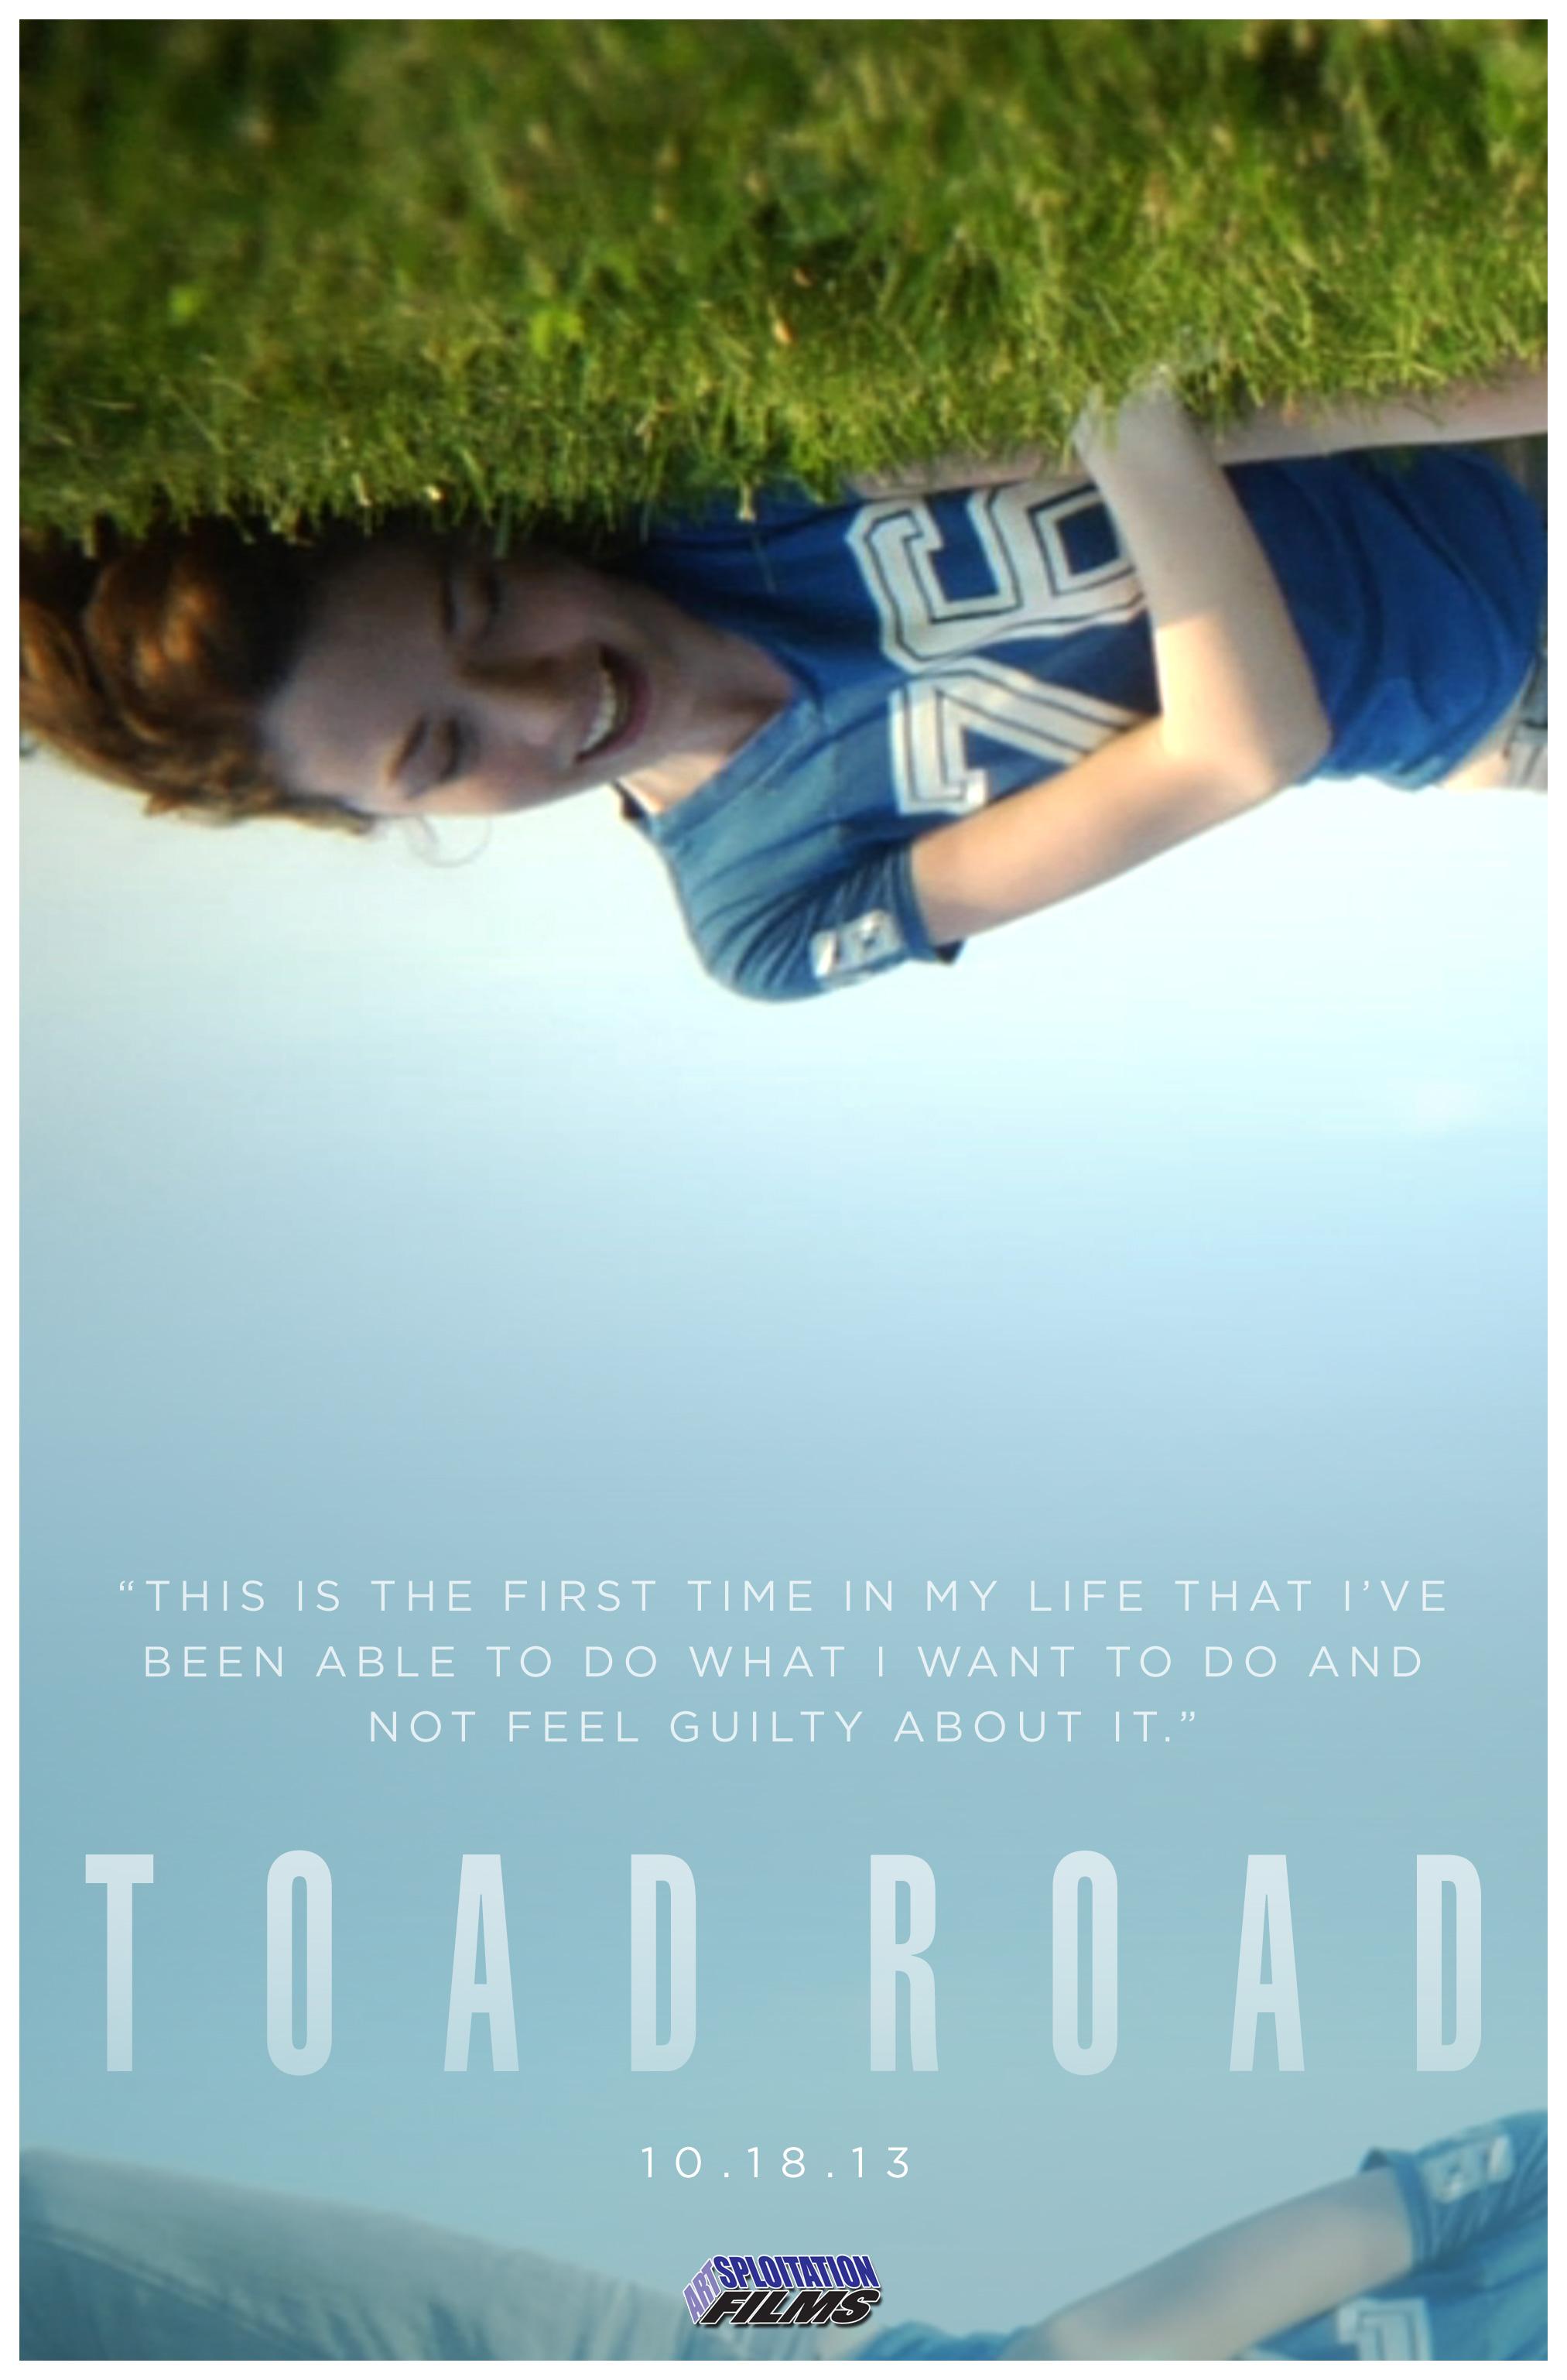 ToadRoad_Sara 1